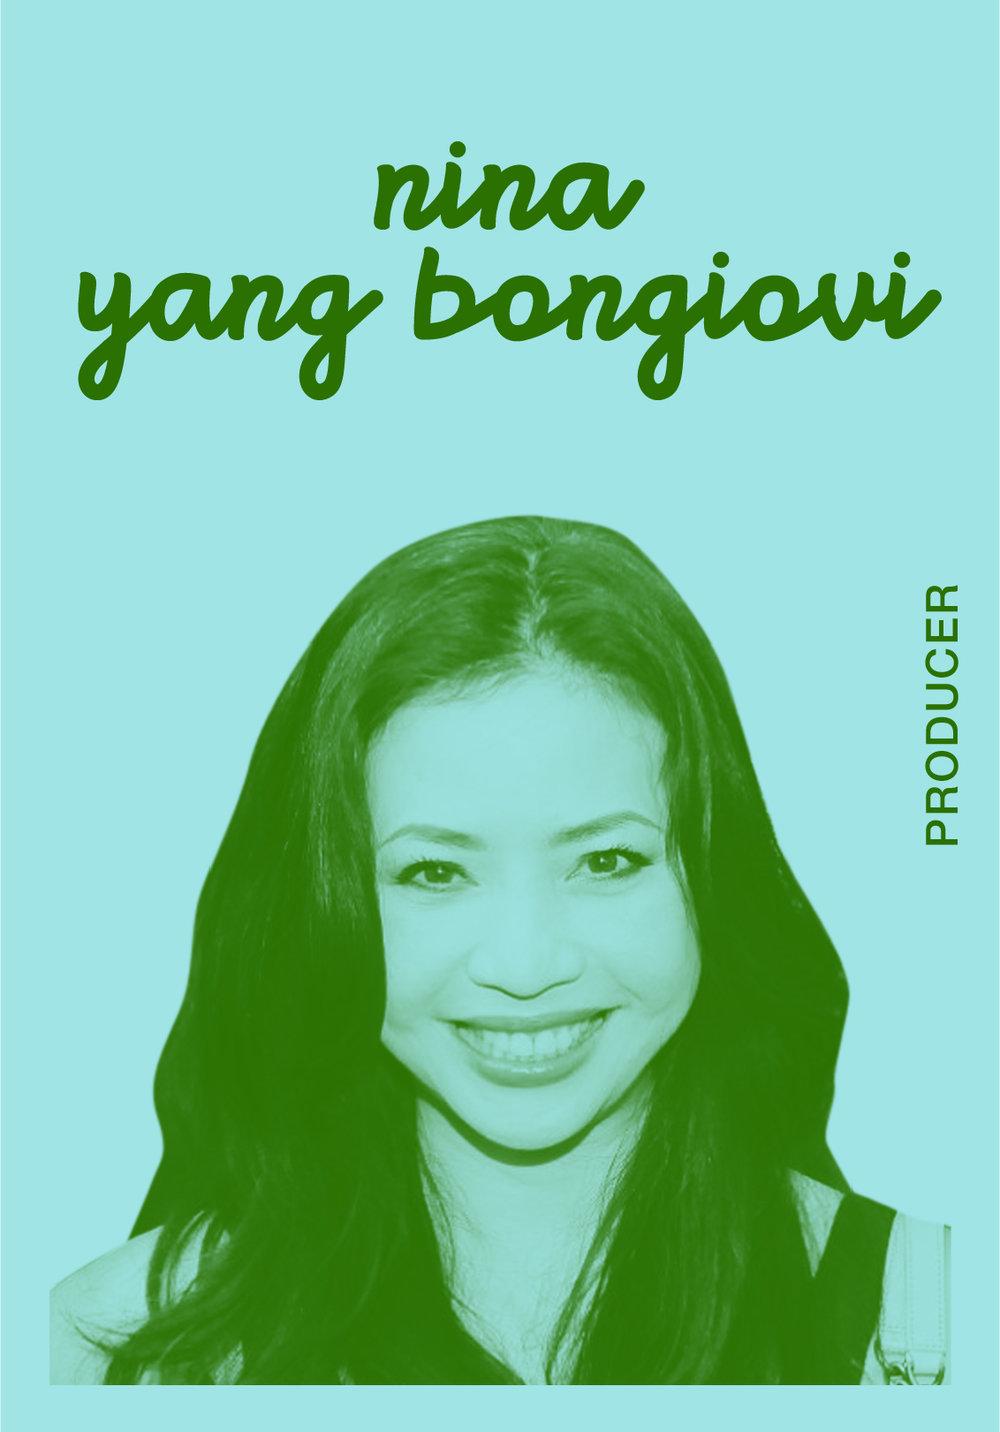 Nina Yang Bongiovi   @NYBONGIOVI   IG: NYBONGIOVI